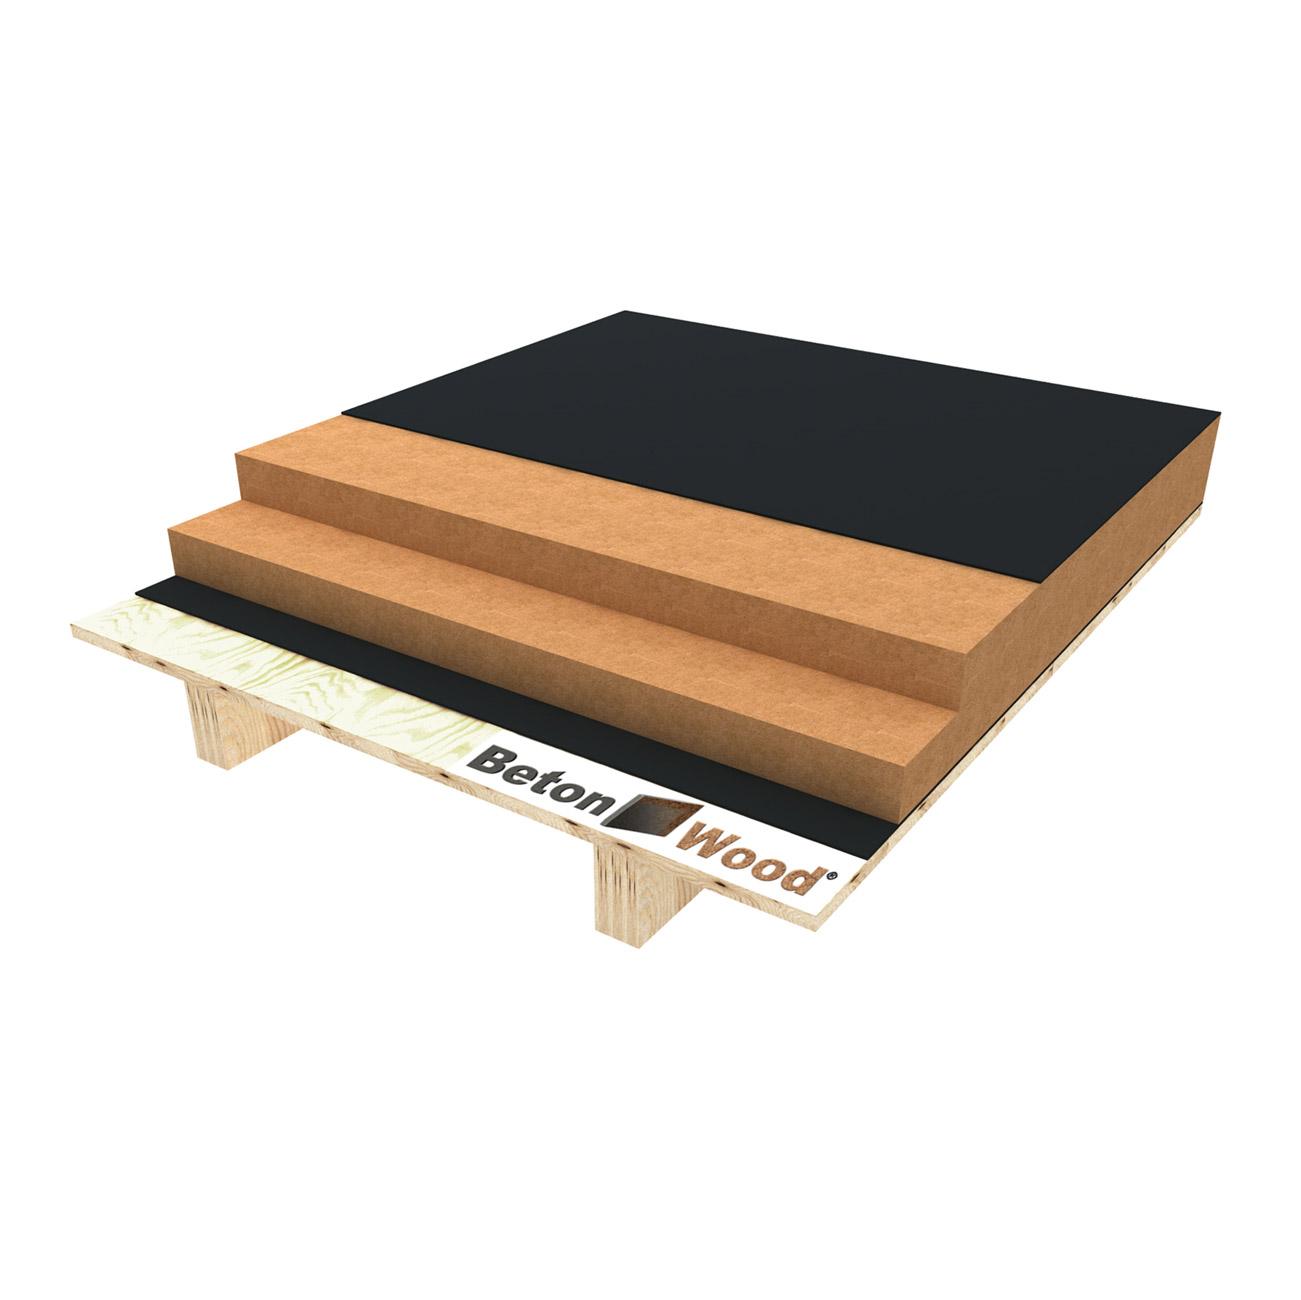 Fibra legno per massetti a secco - Pannelli isolanti per sottotetto ...